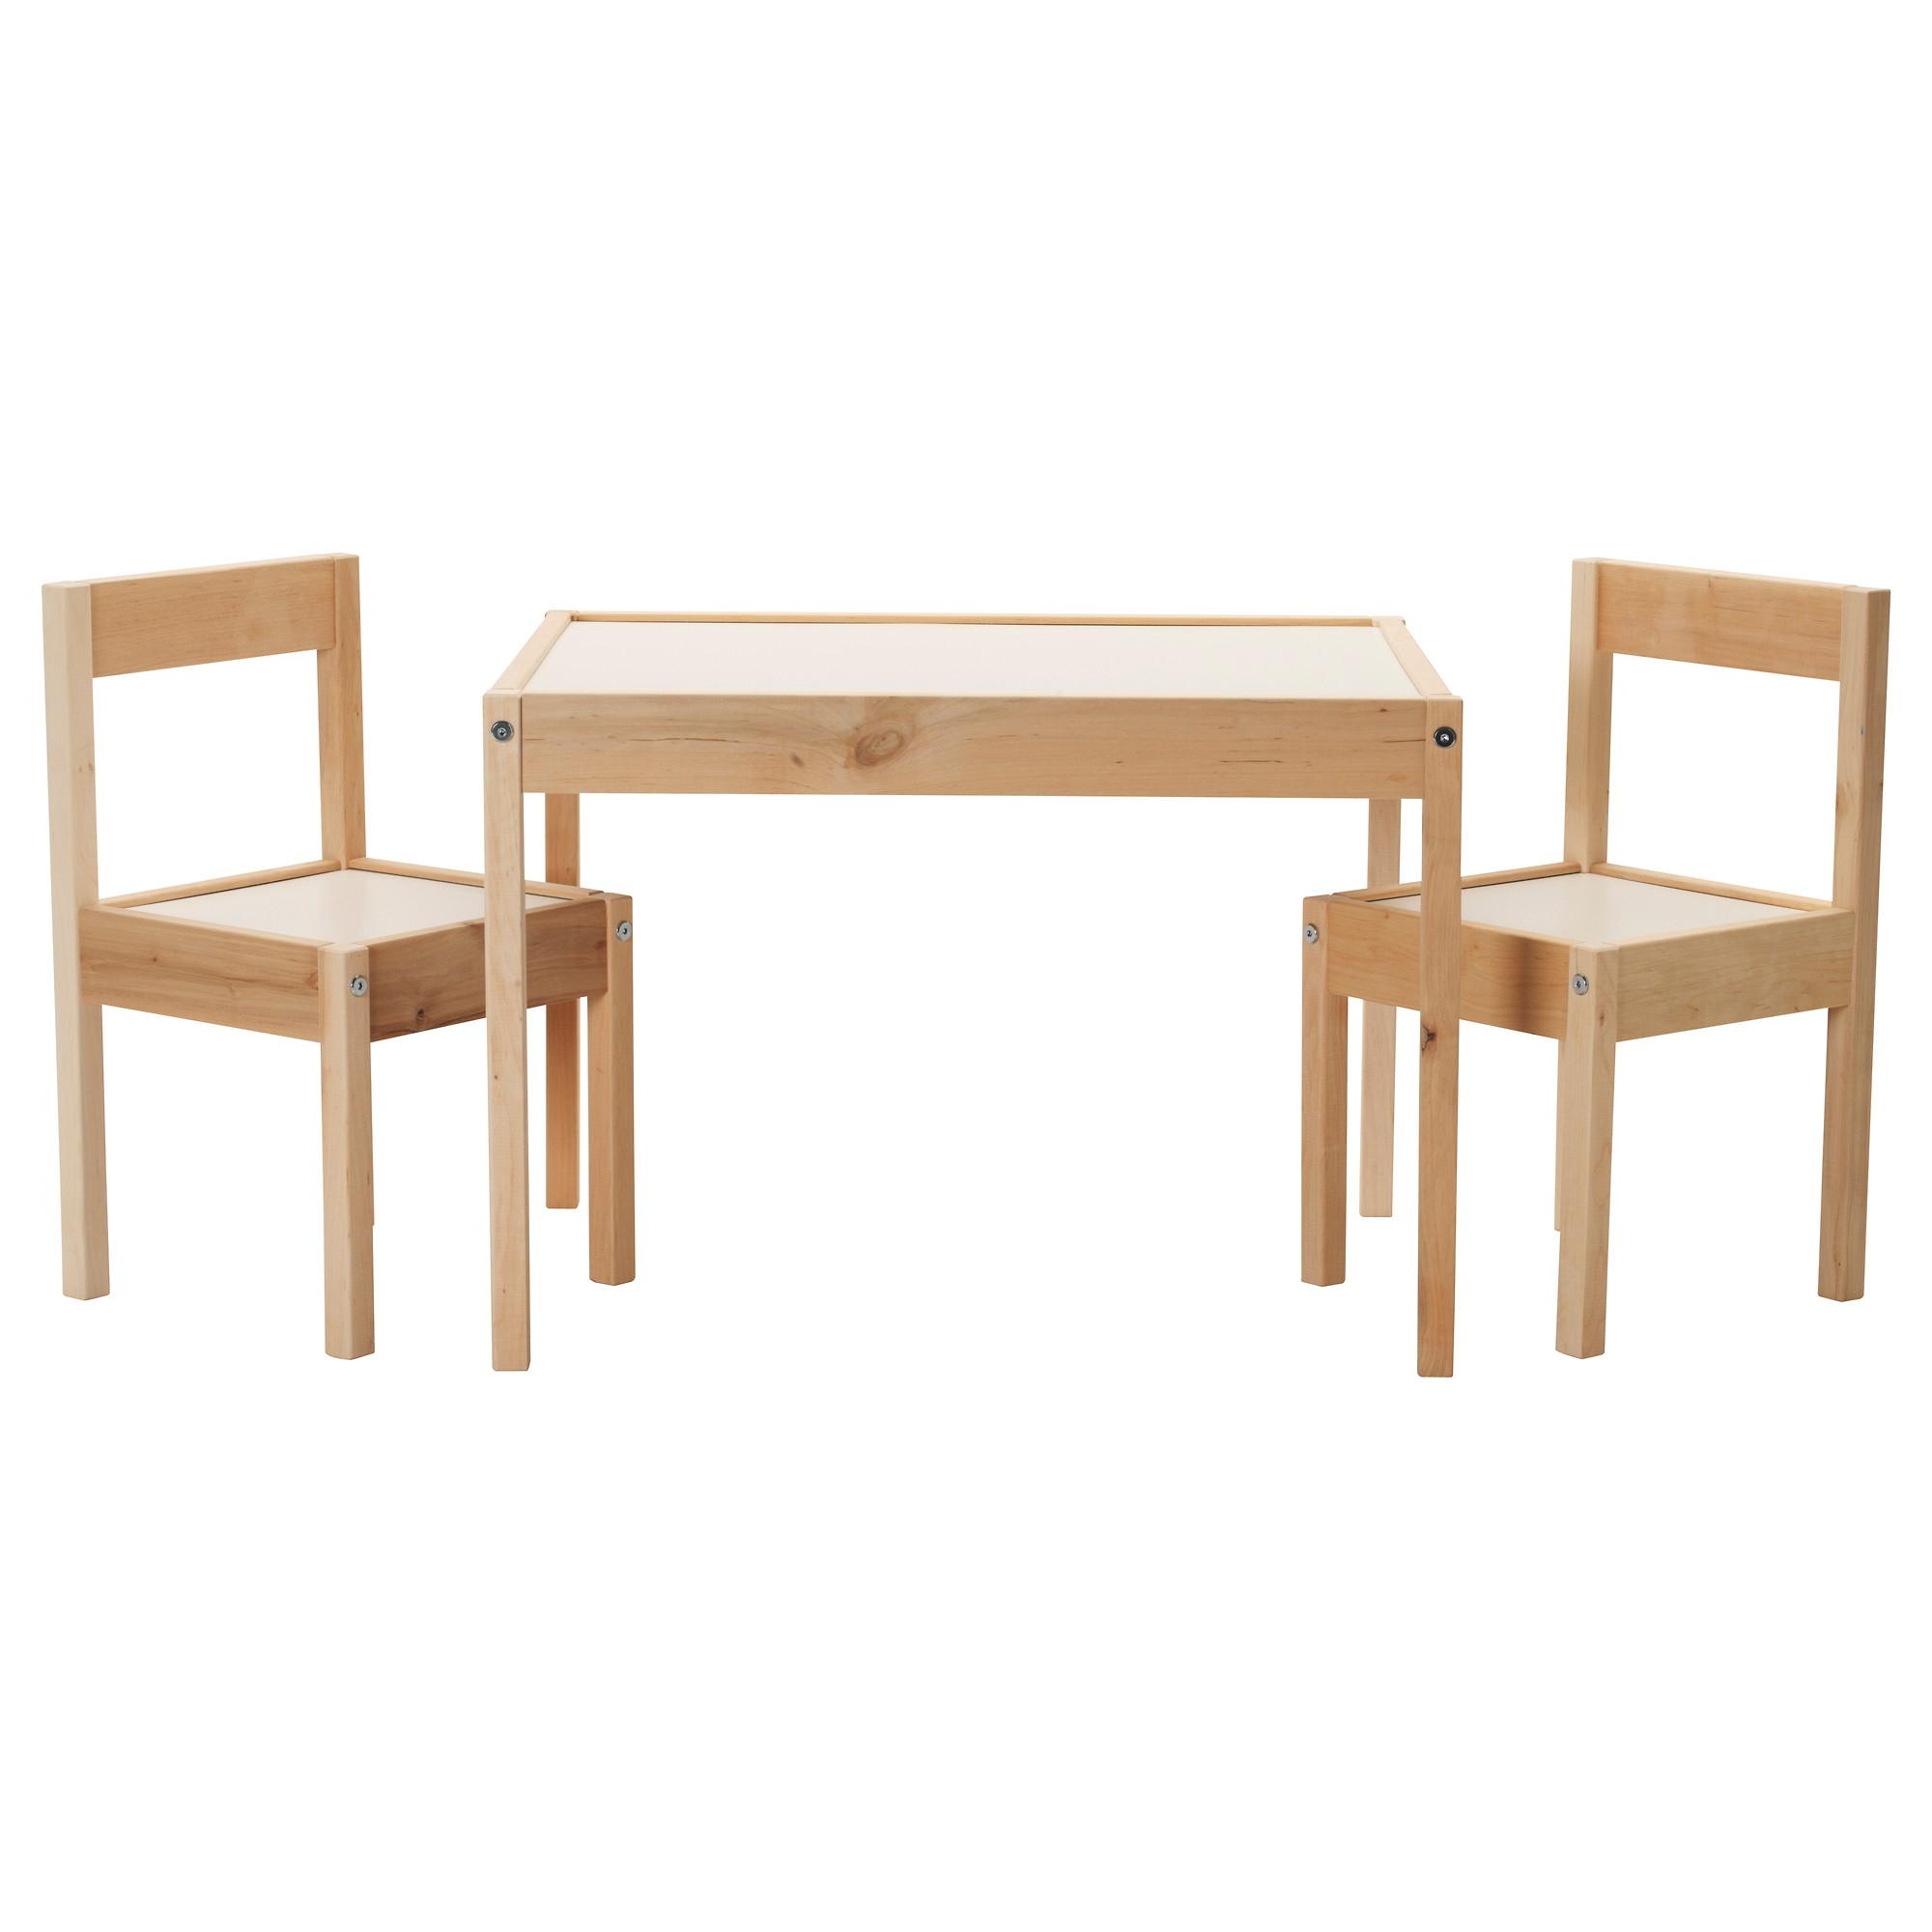 L tt mesa para ni os con 2 sillas - Mesas pequenas para ninos ...